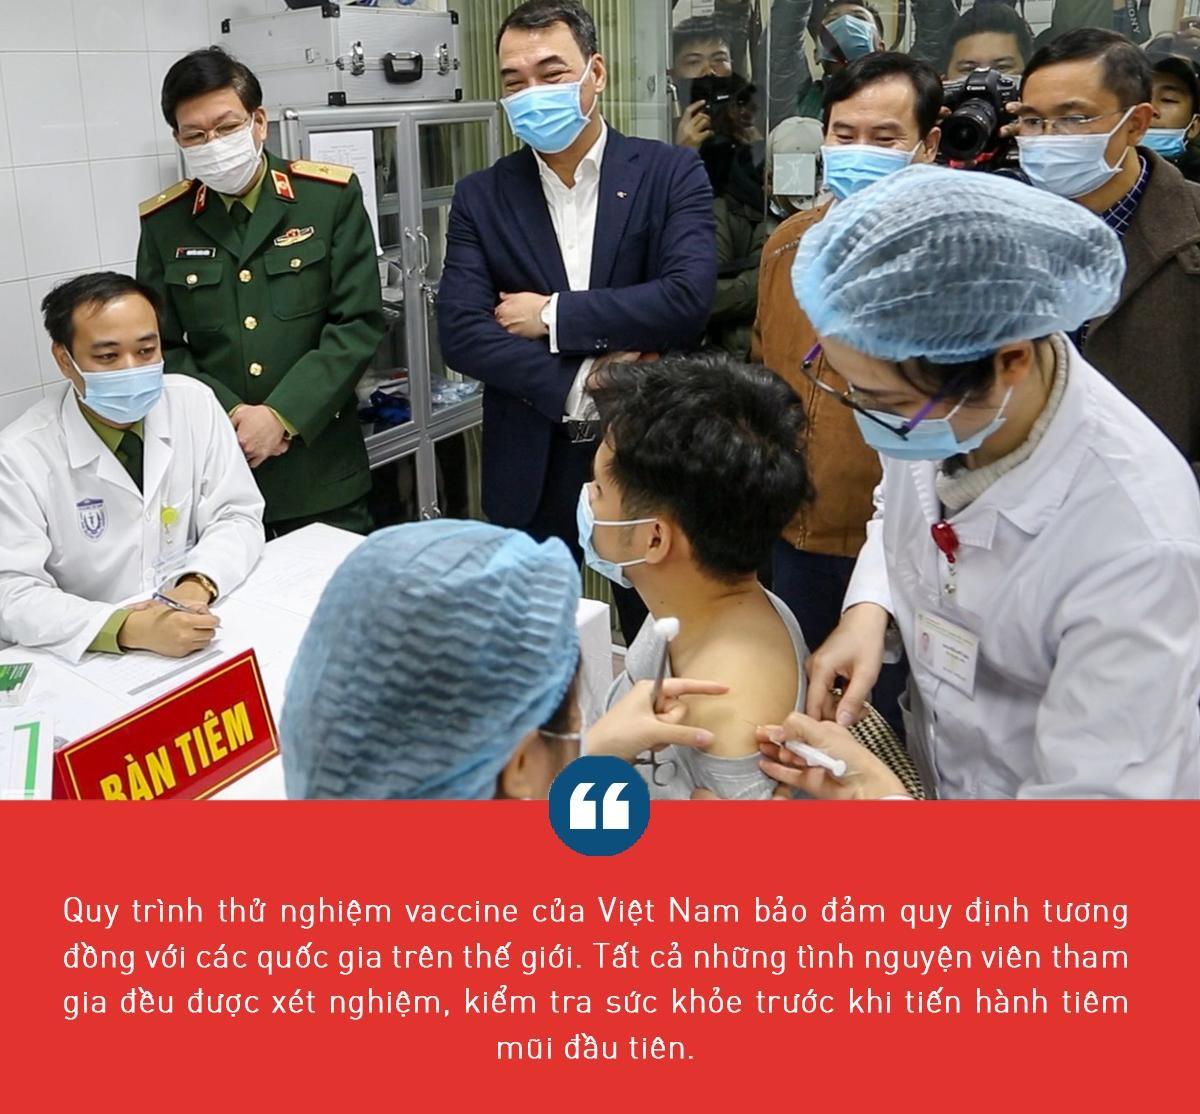 Niềm tin và hy vọng vào vaccine COVID-19 'made in Việt Nam' ảnh 3